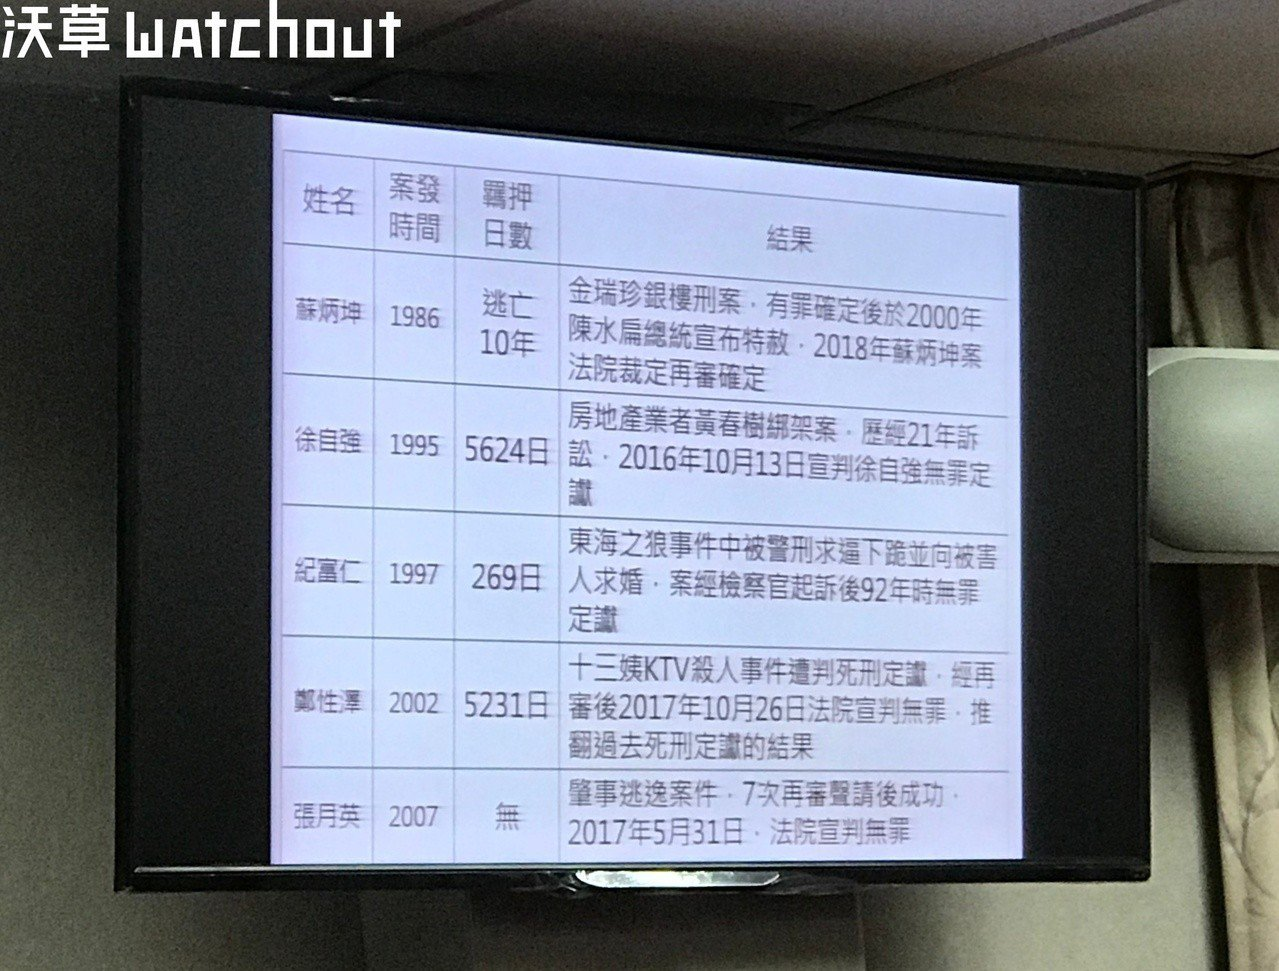 段宜康用投影片替邱太三上「司法冤案」這堂課。(攝影/廖昱涵)